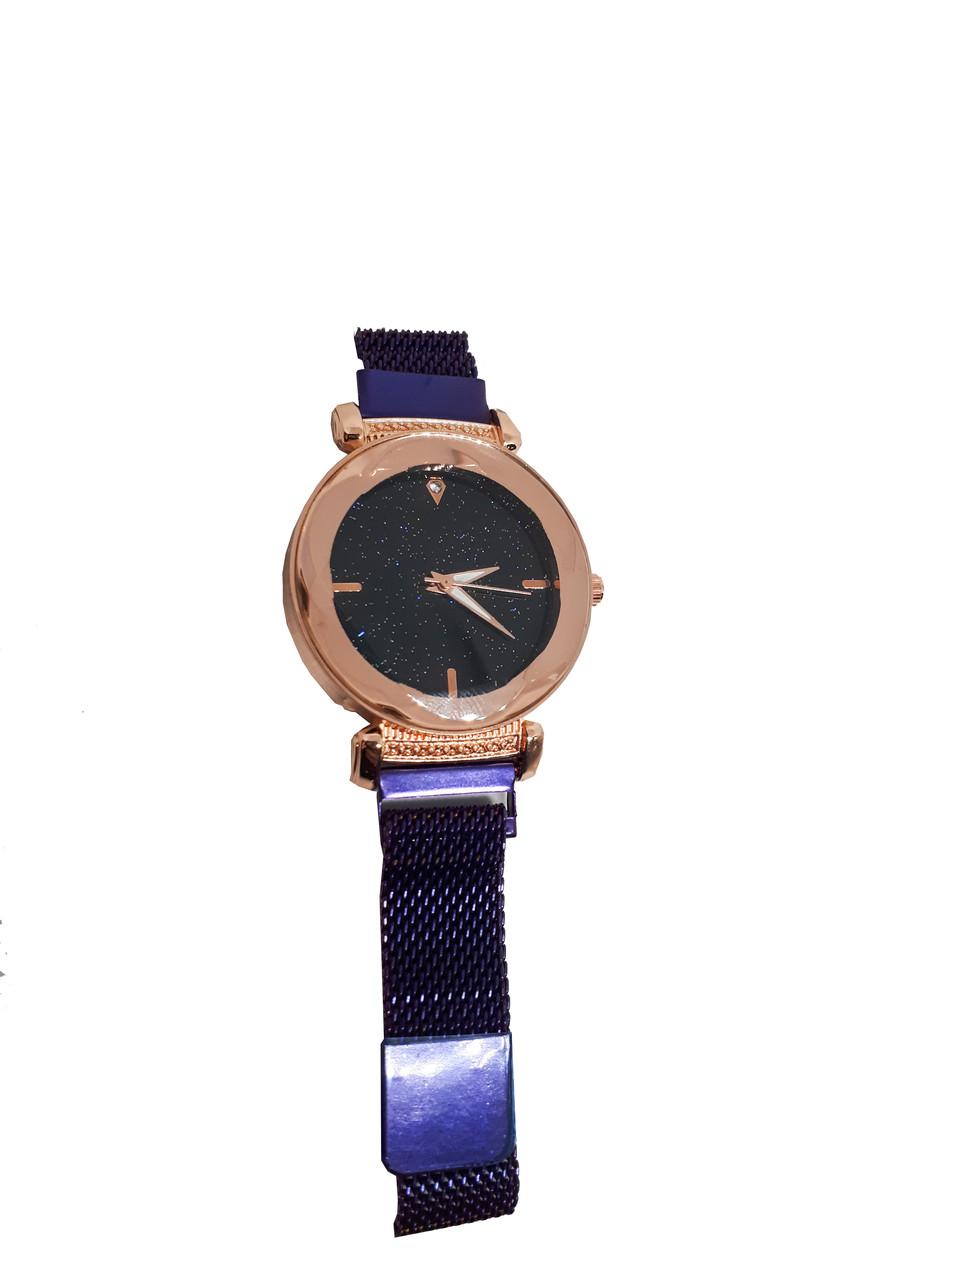 Часы кварцевые  Abeer Shine браслете с магнитом. Фиолетовый.